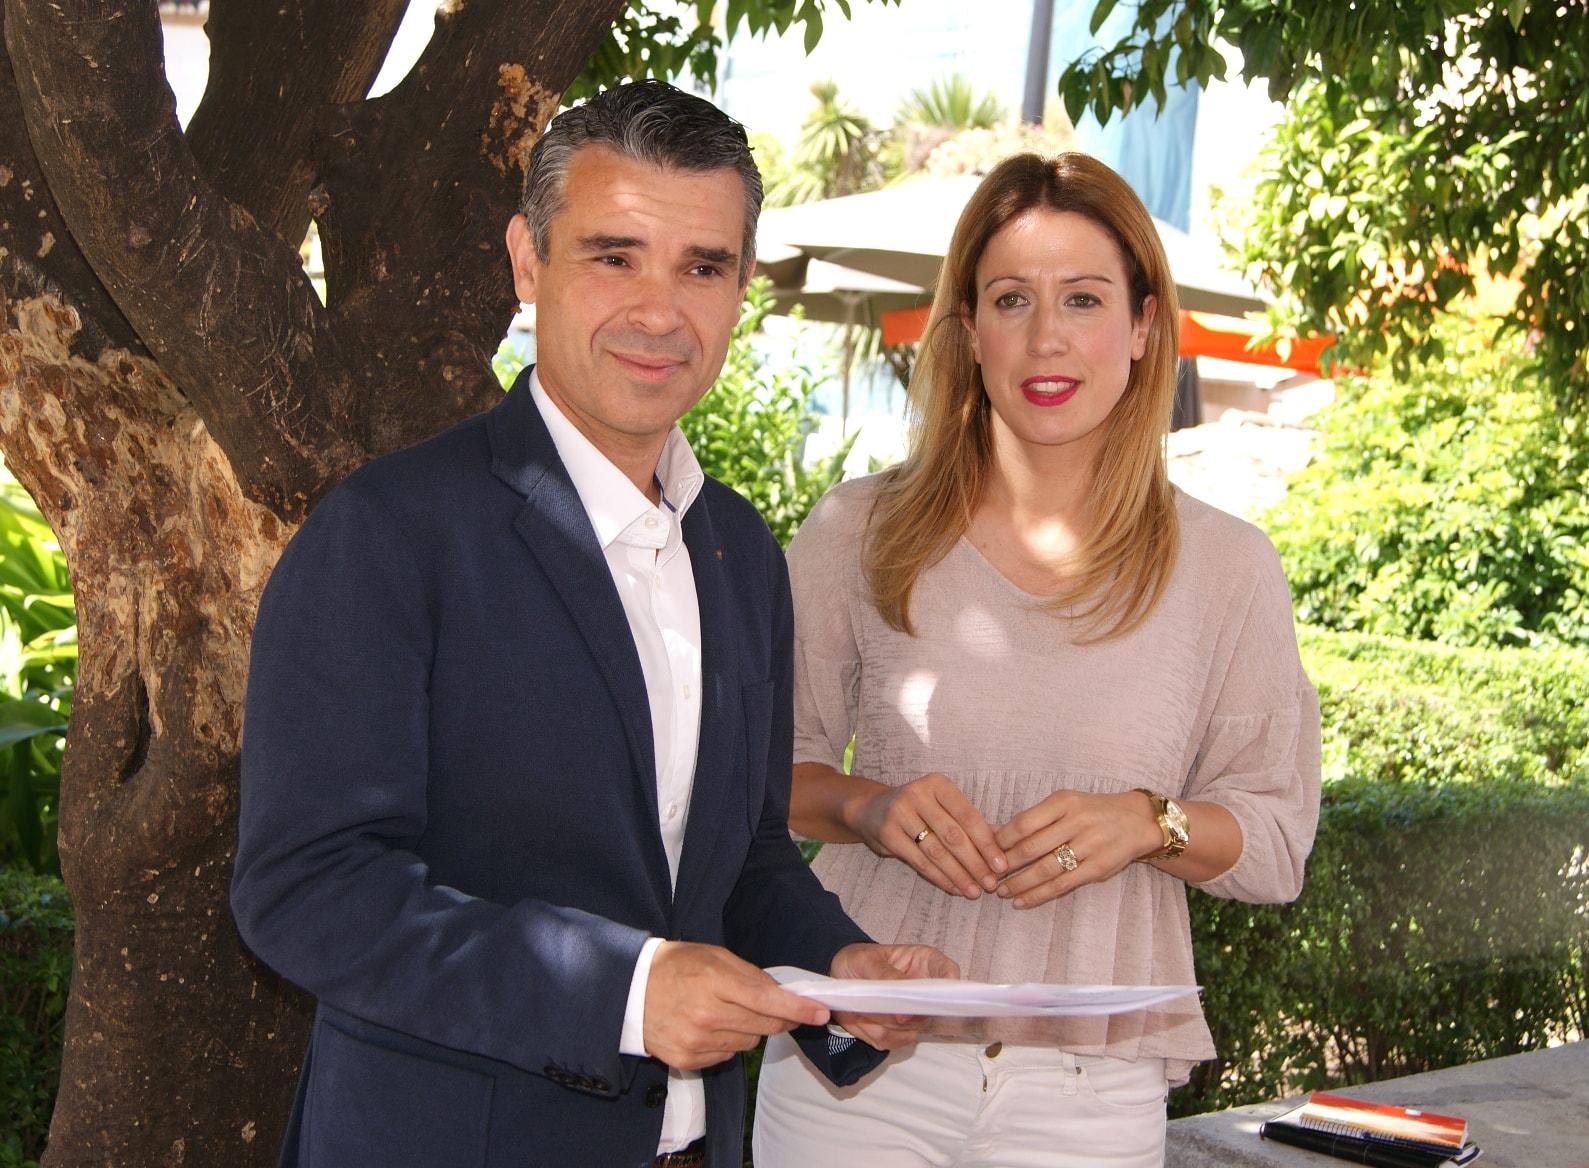 El PSOE priorizará políticas de empleo, vivienda asequible y desarrollo económico de cara a las elecciones municipales de 2019 en Marbella